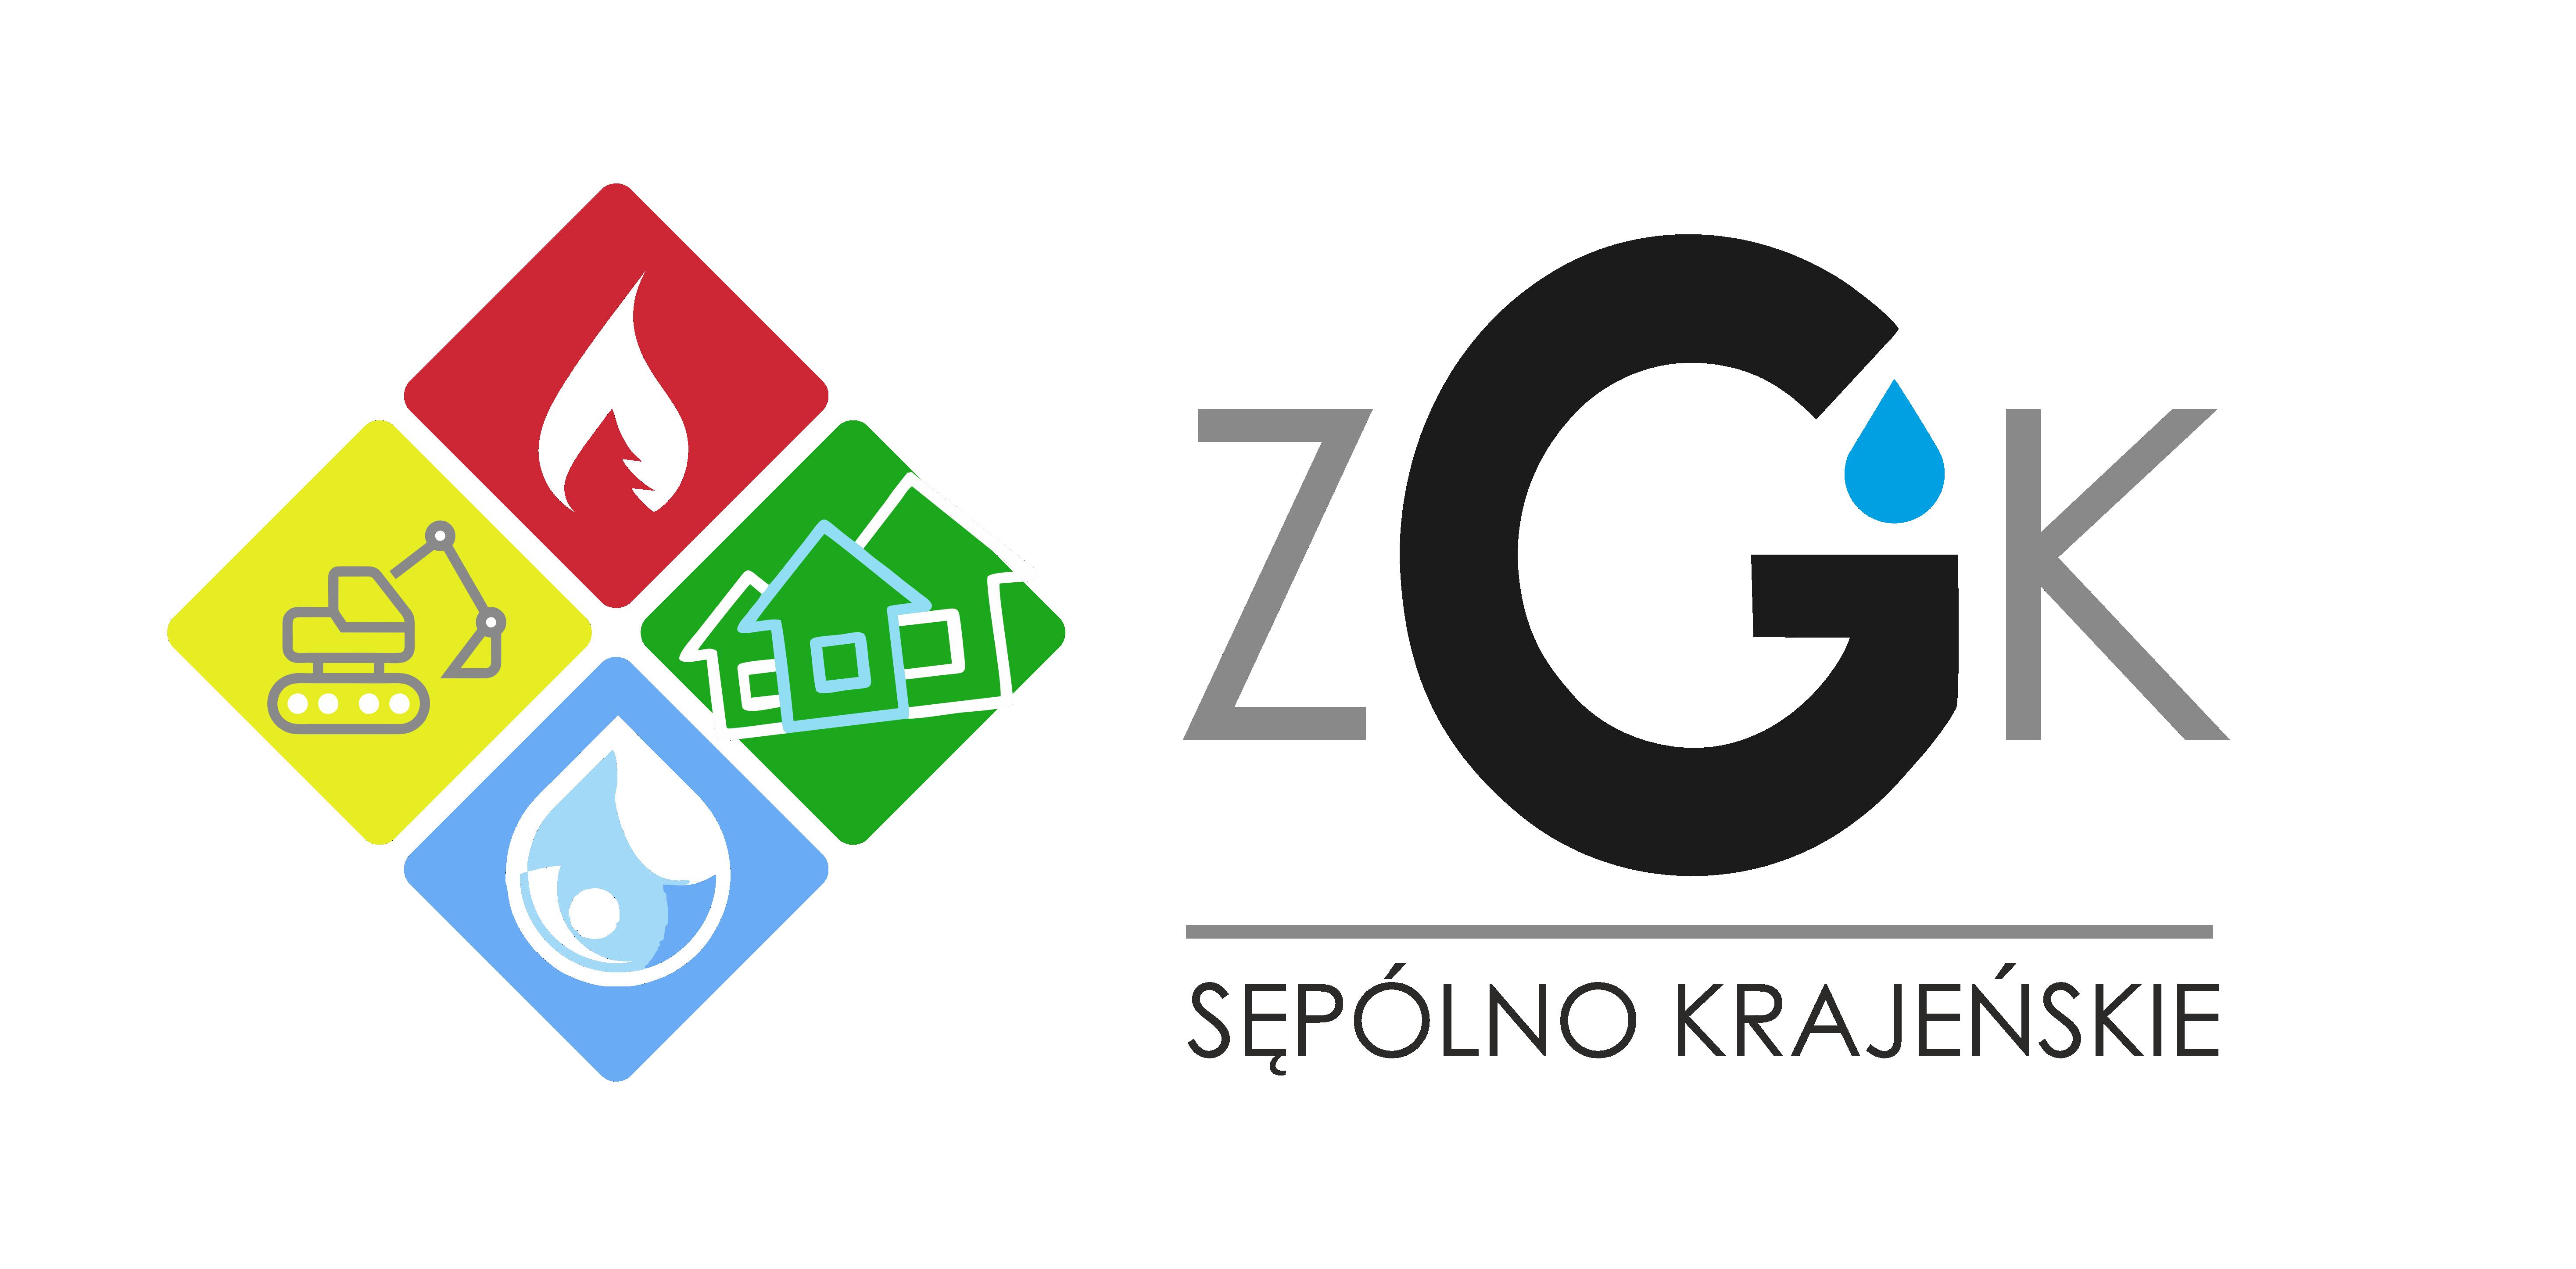 Zakład Gospodarki Komunalnej Sępólno Krajeńskie Spółka z o.o.